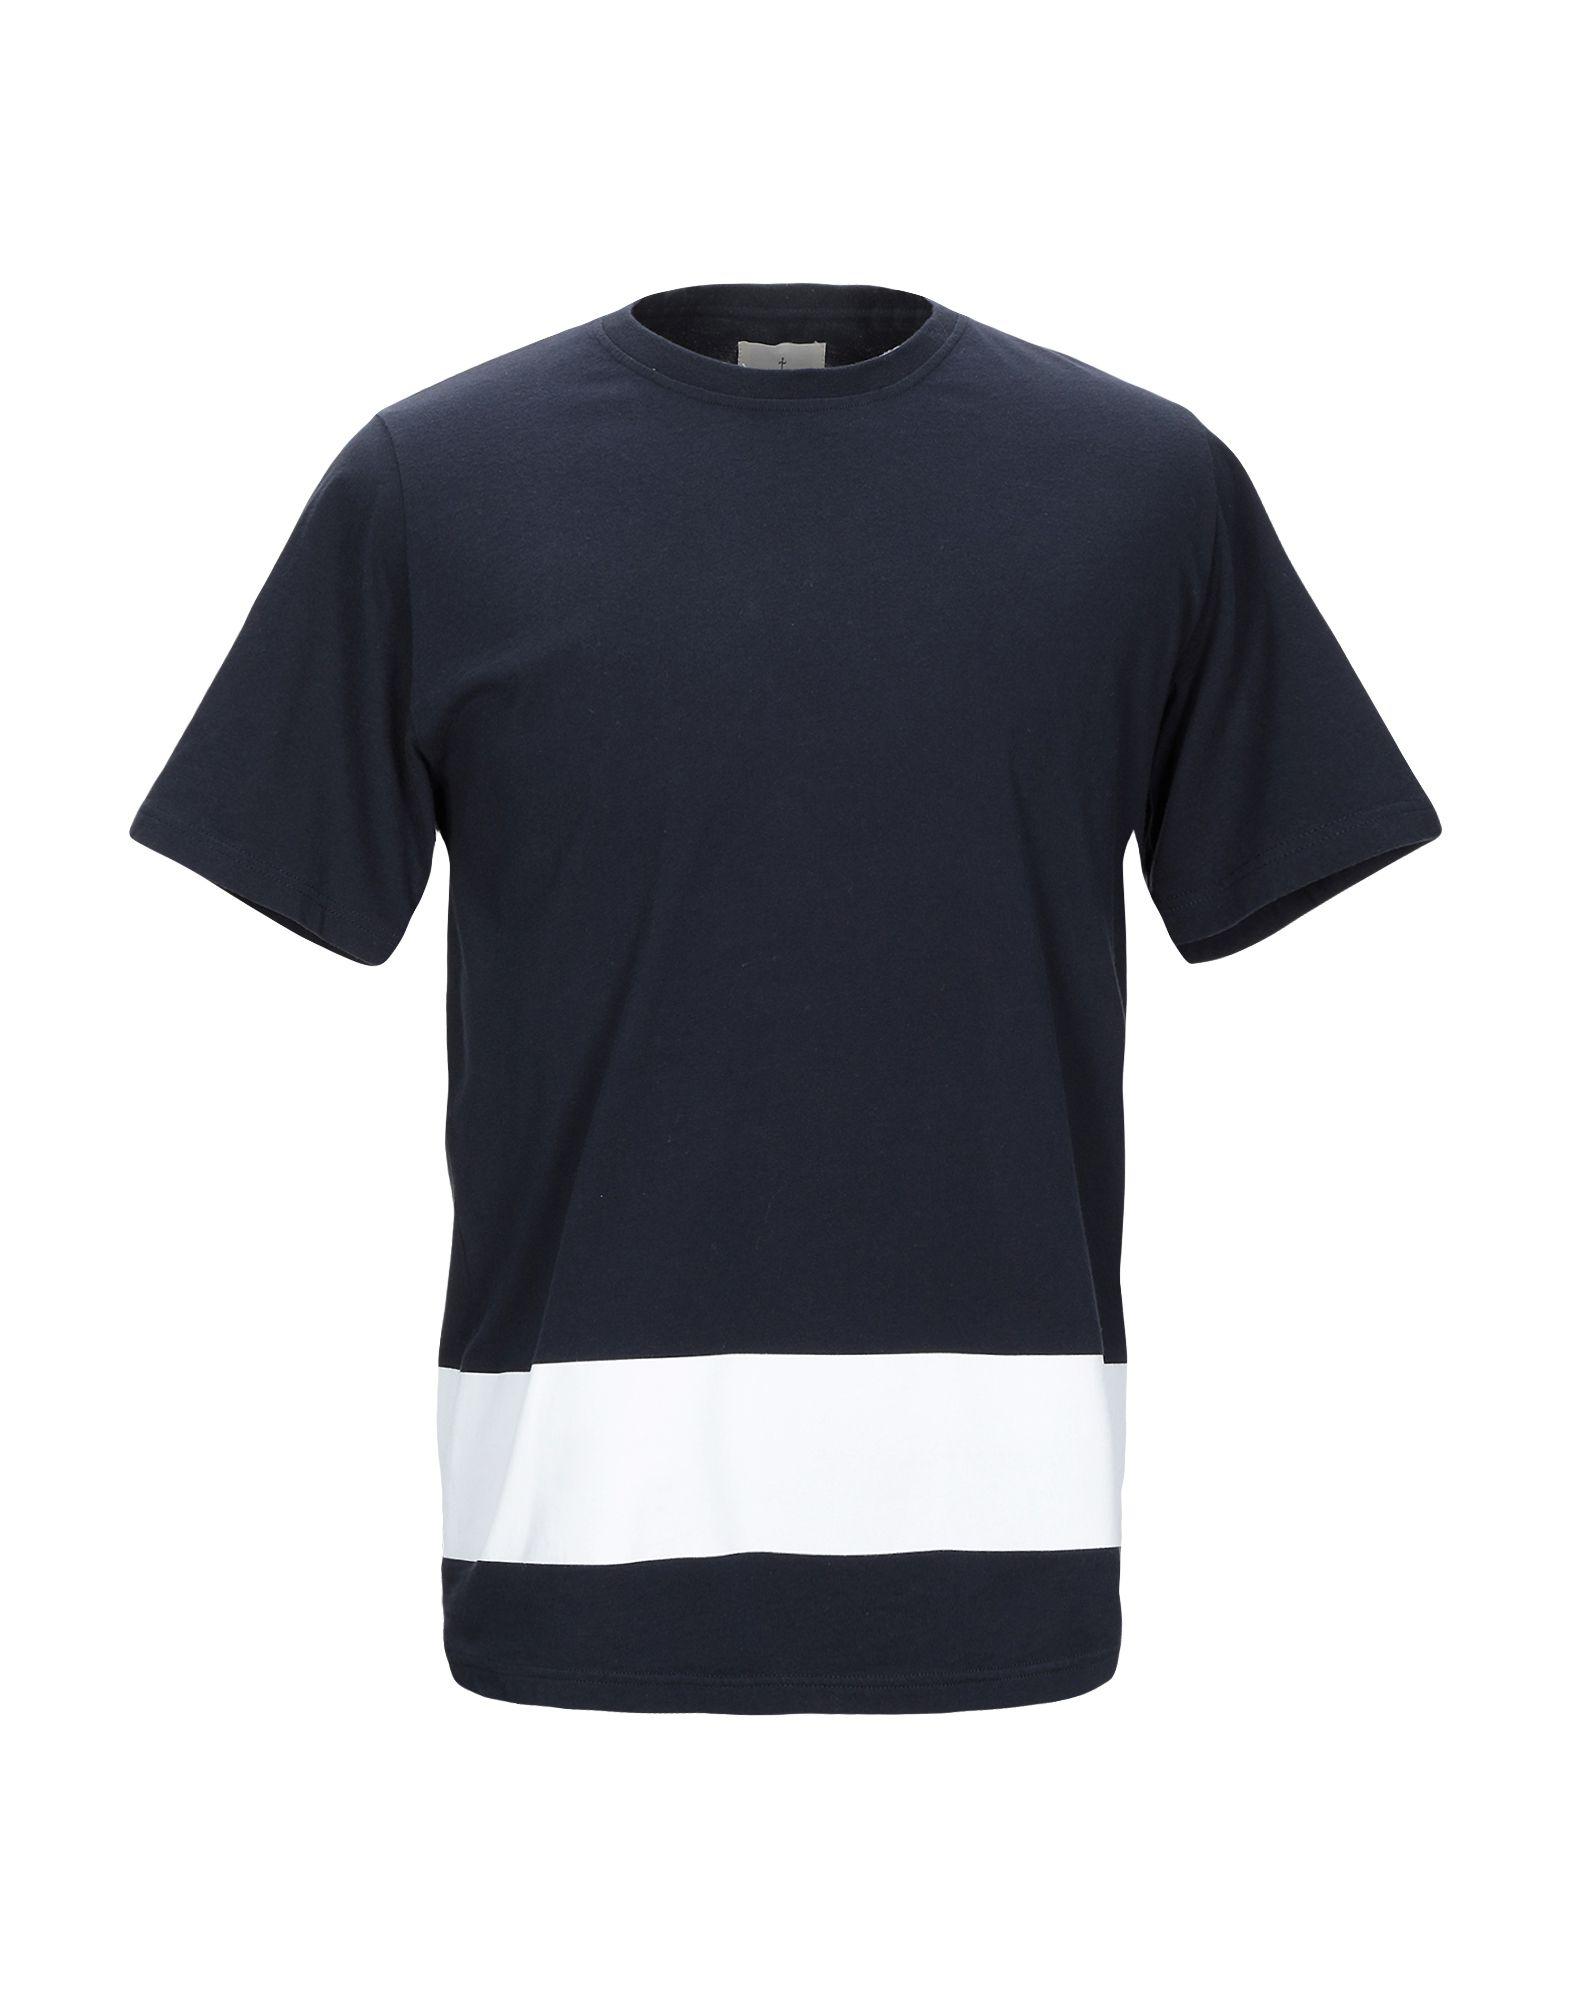 《期間限定セール中》LA PAZ メンズ T シャツ ダークブルー M 麻 100%